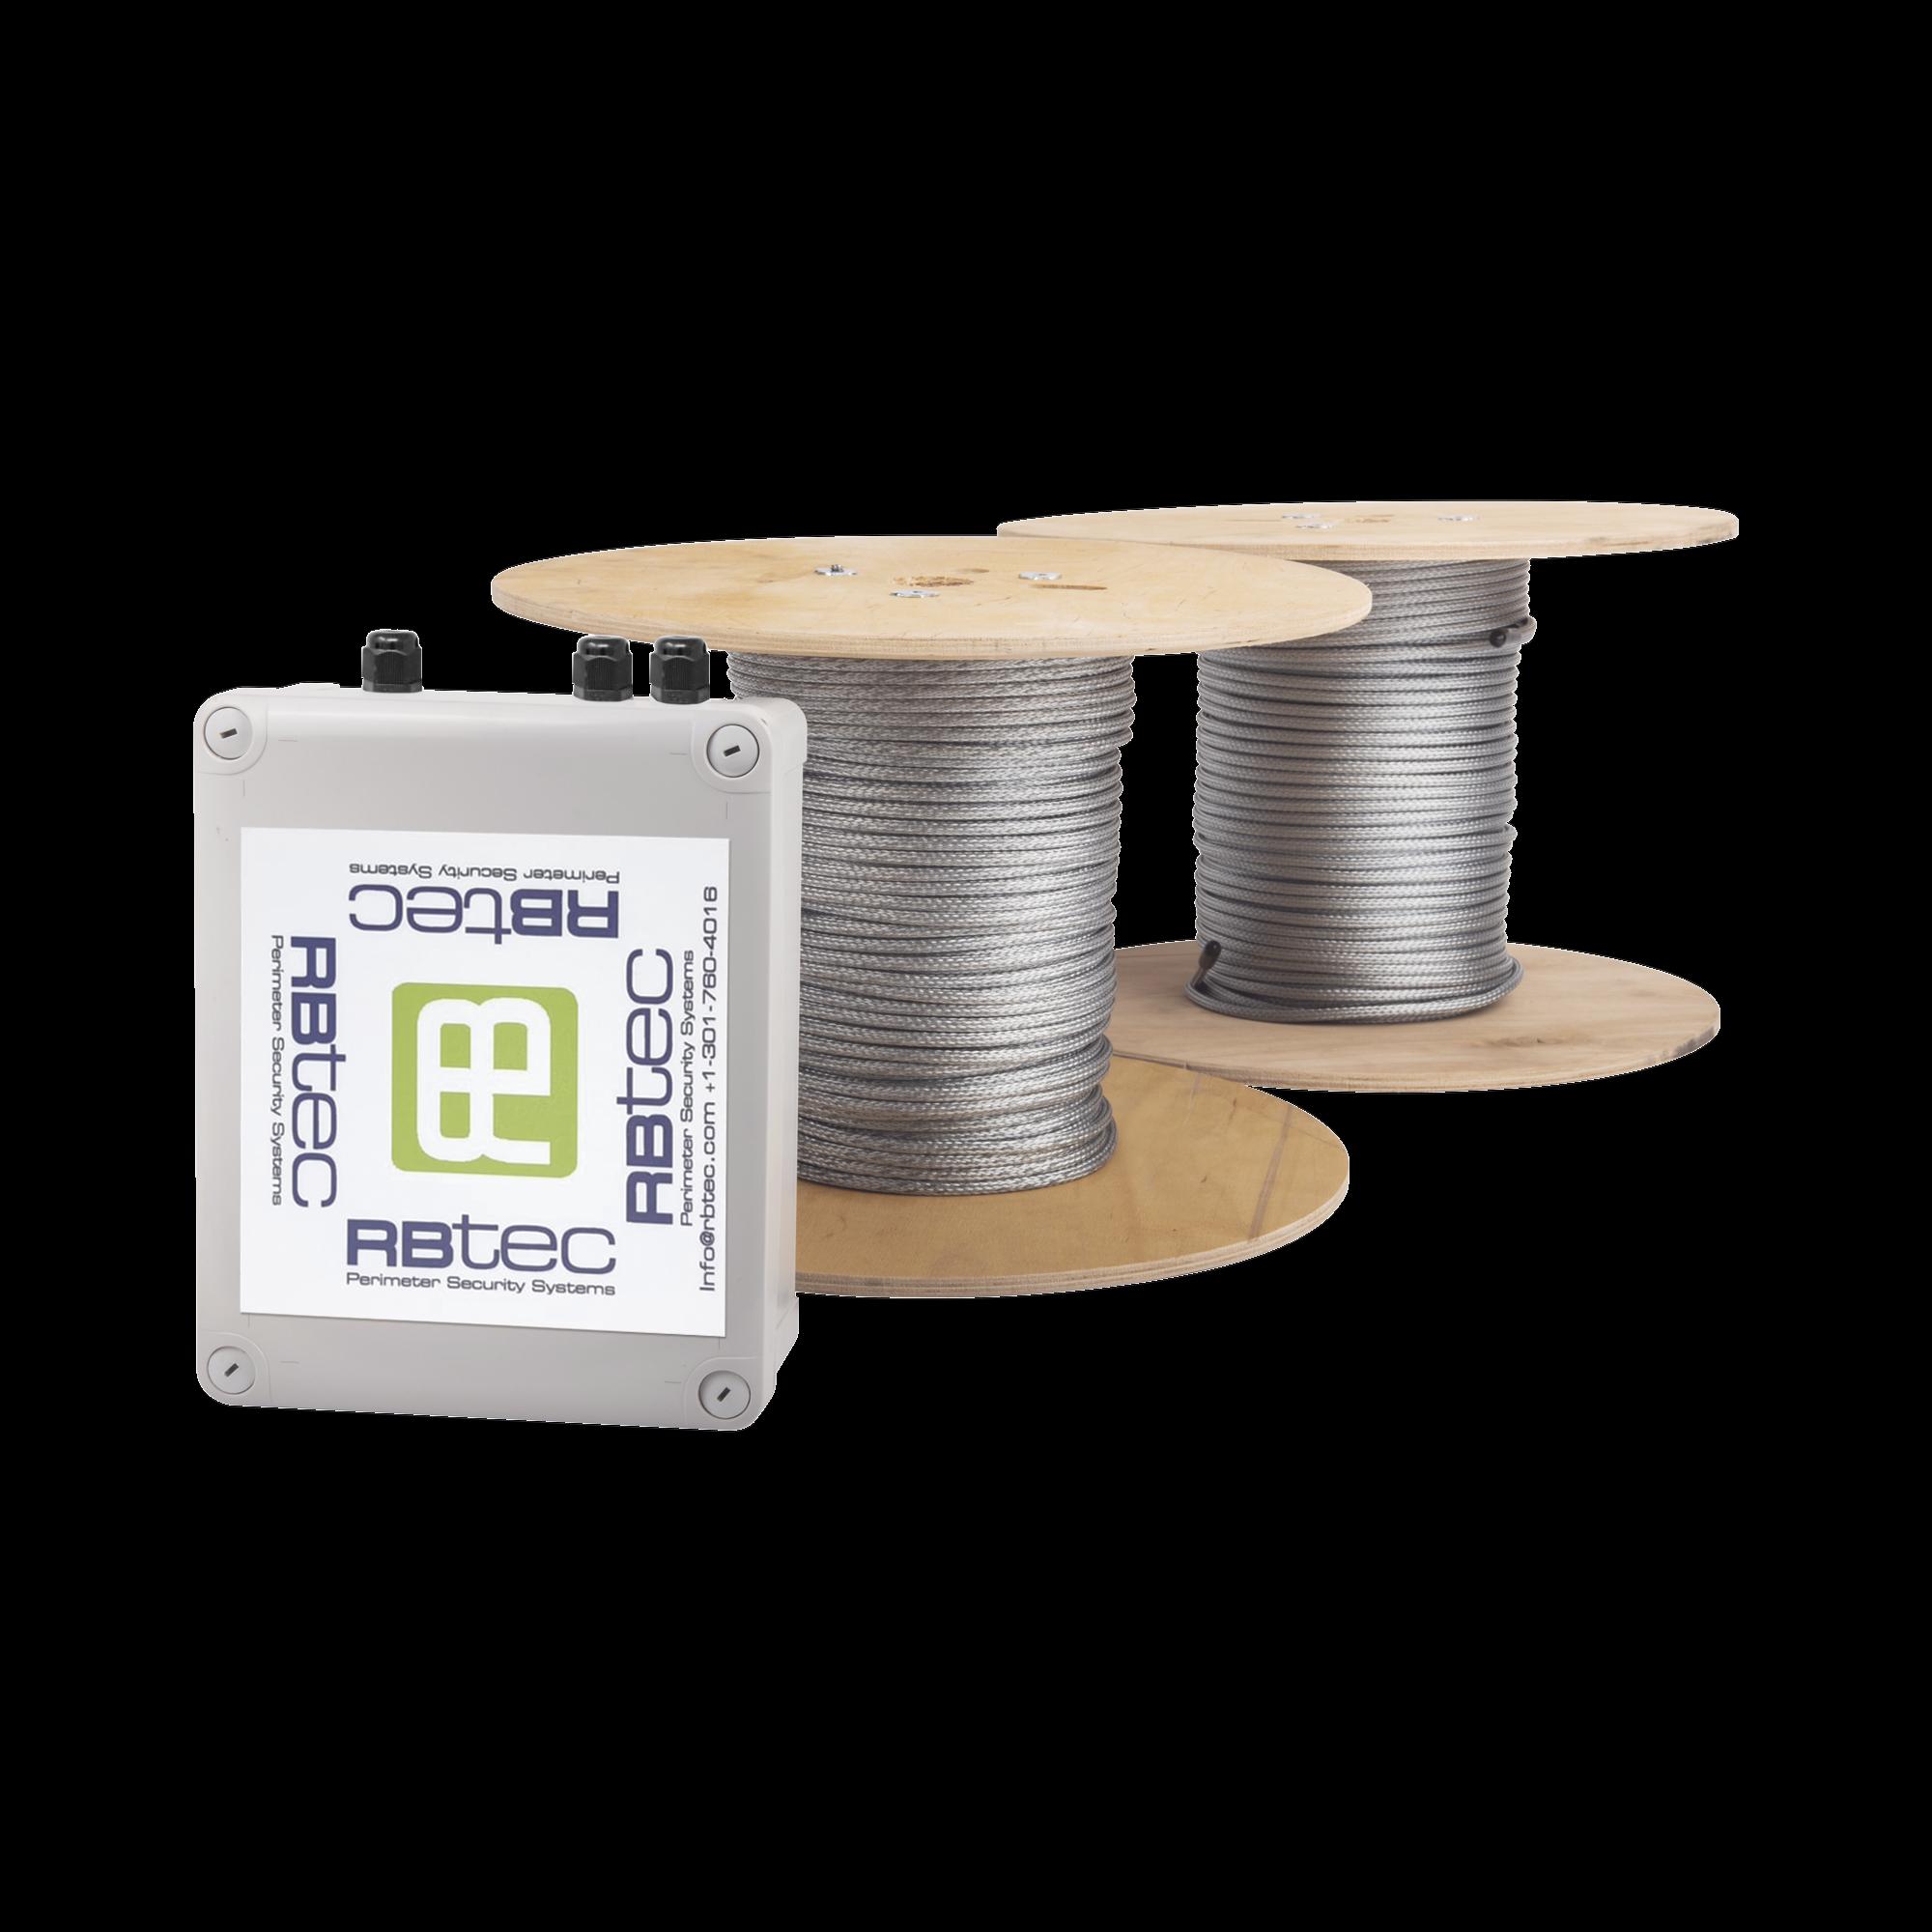 Kit de Cable Sensor Perimetral Para Cercas Ciclonicas IRONCLAD/ 305 METROS / 2 ZONAS; 152 METROS POR ZONA / Sin Falsas Alarmas por Viento / TODO Incluido